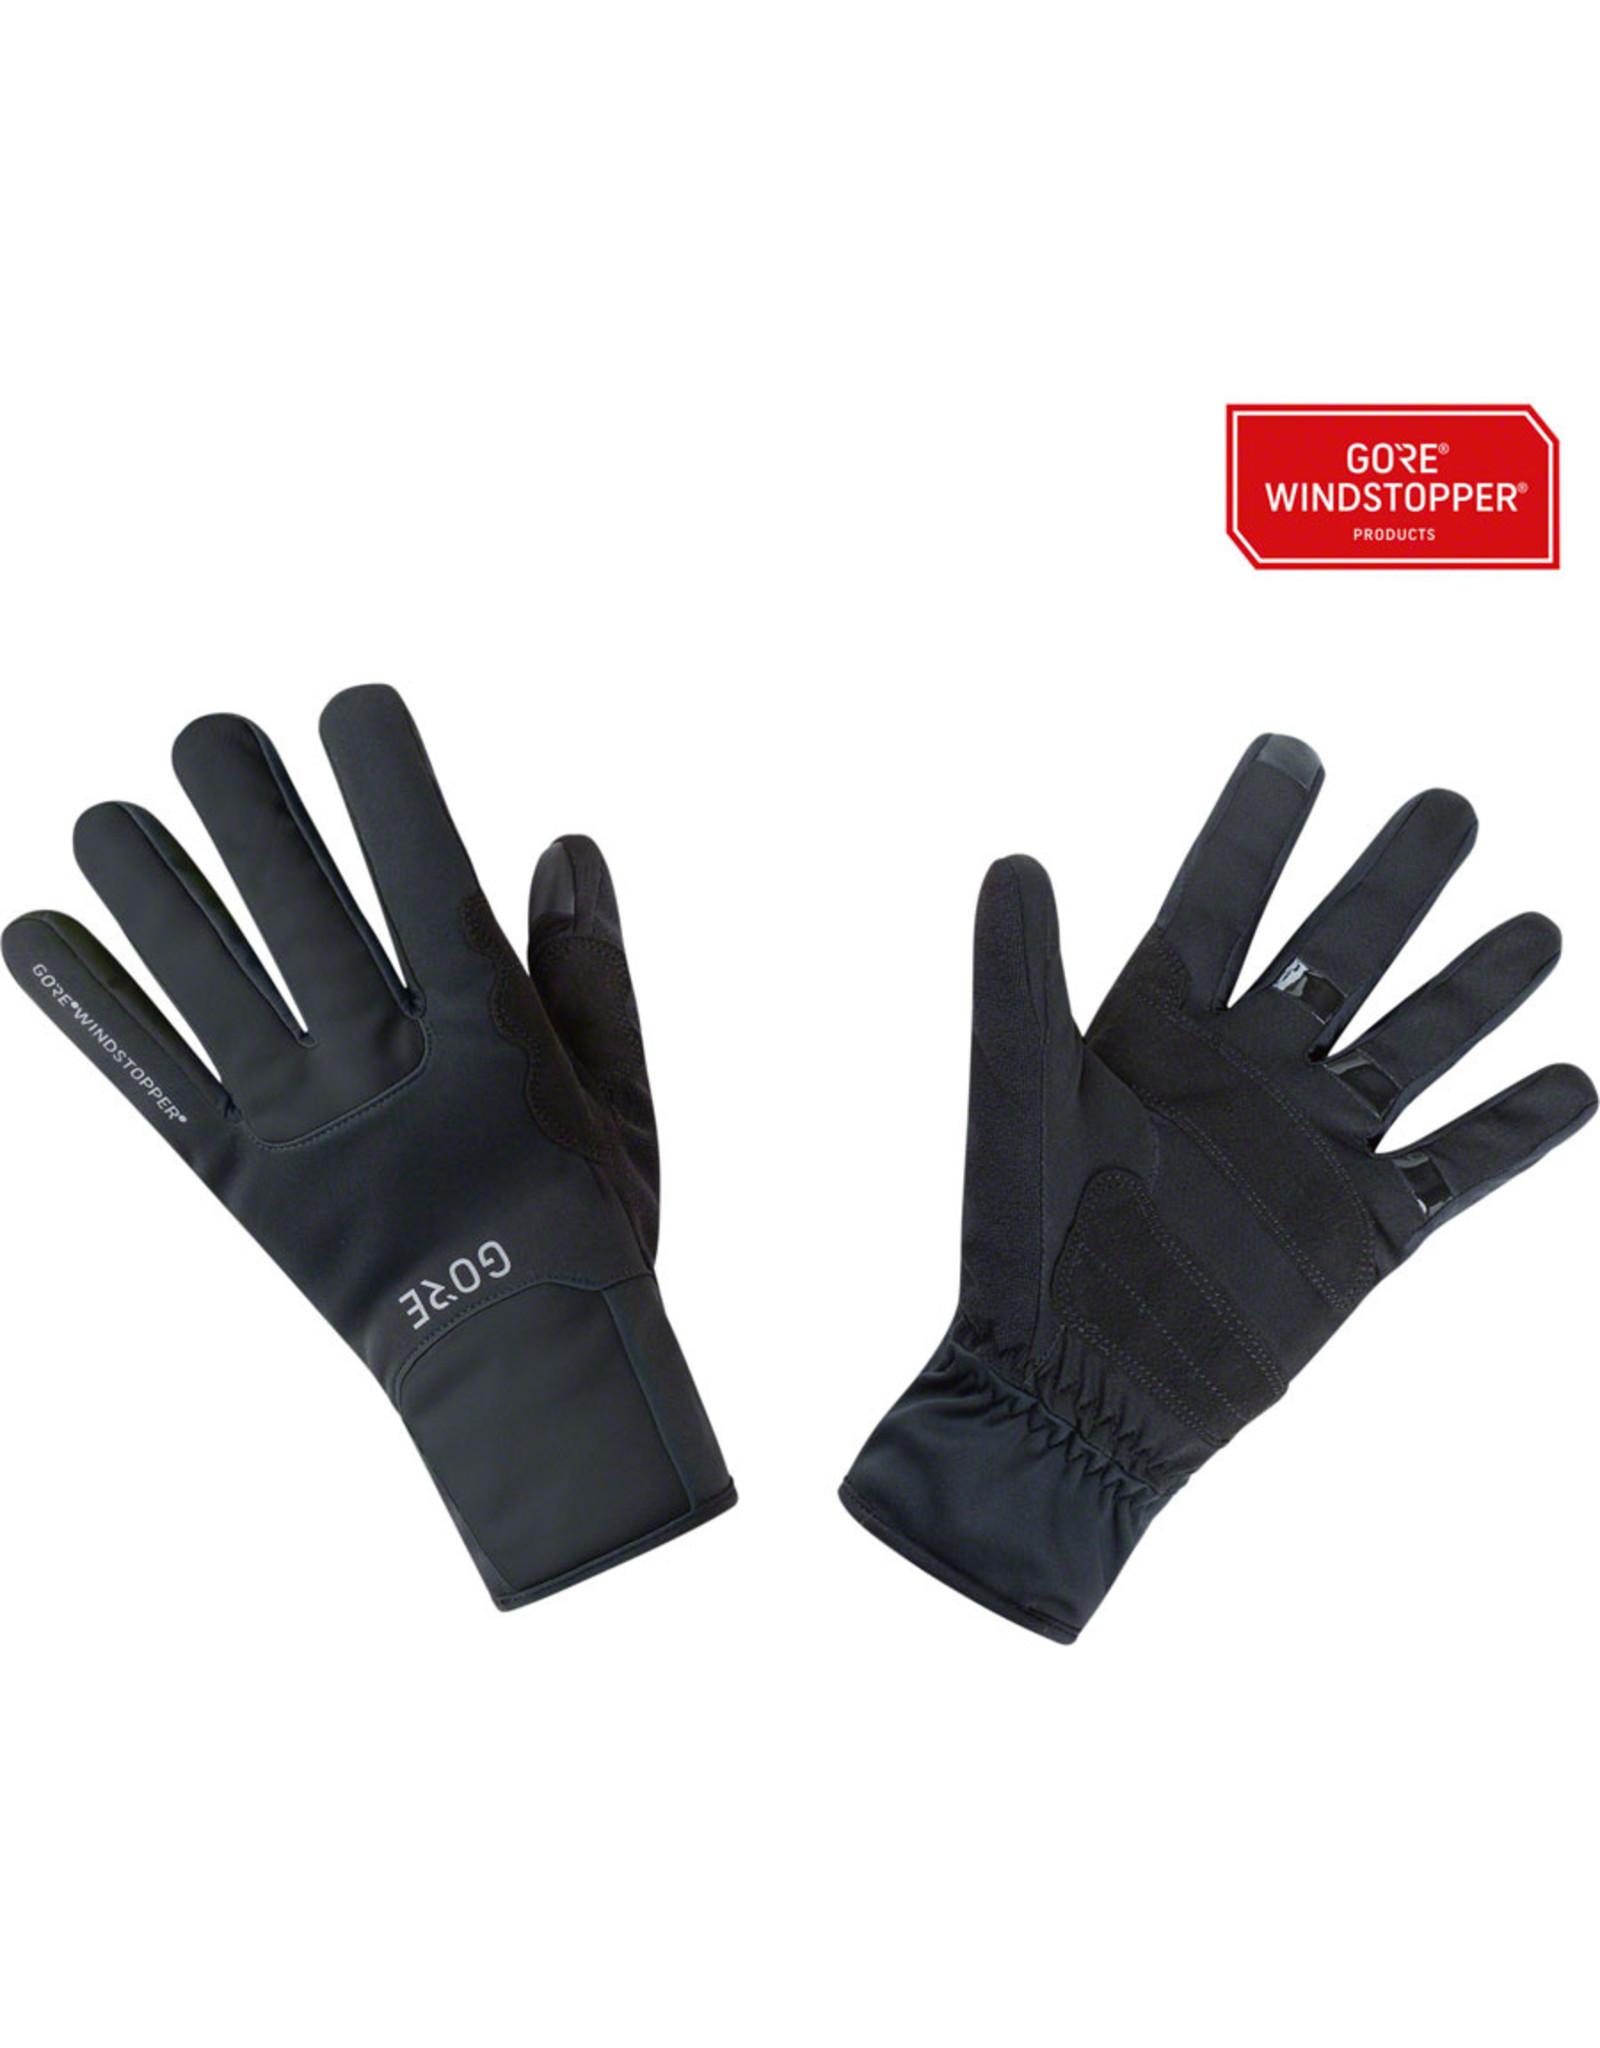 GORE M WINDSTOPPER® Thermo Gloves - Black, Full Finger